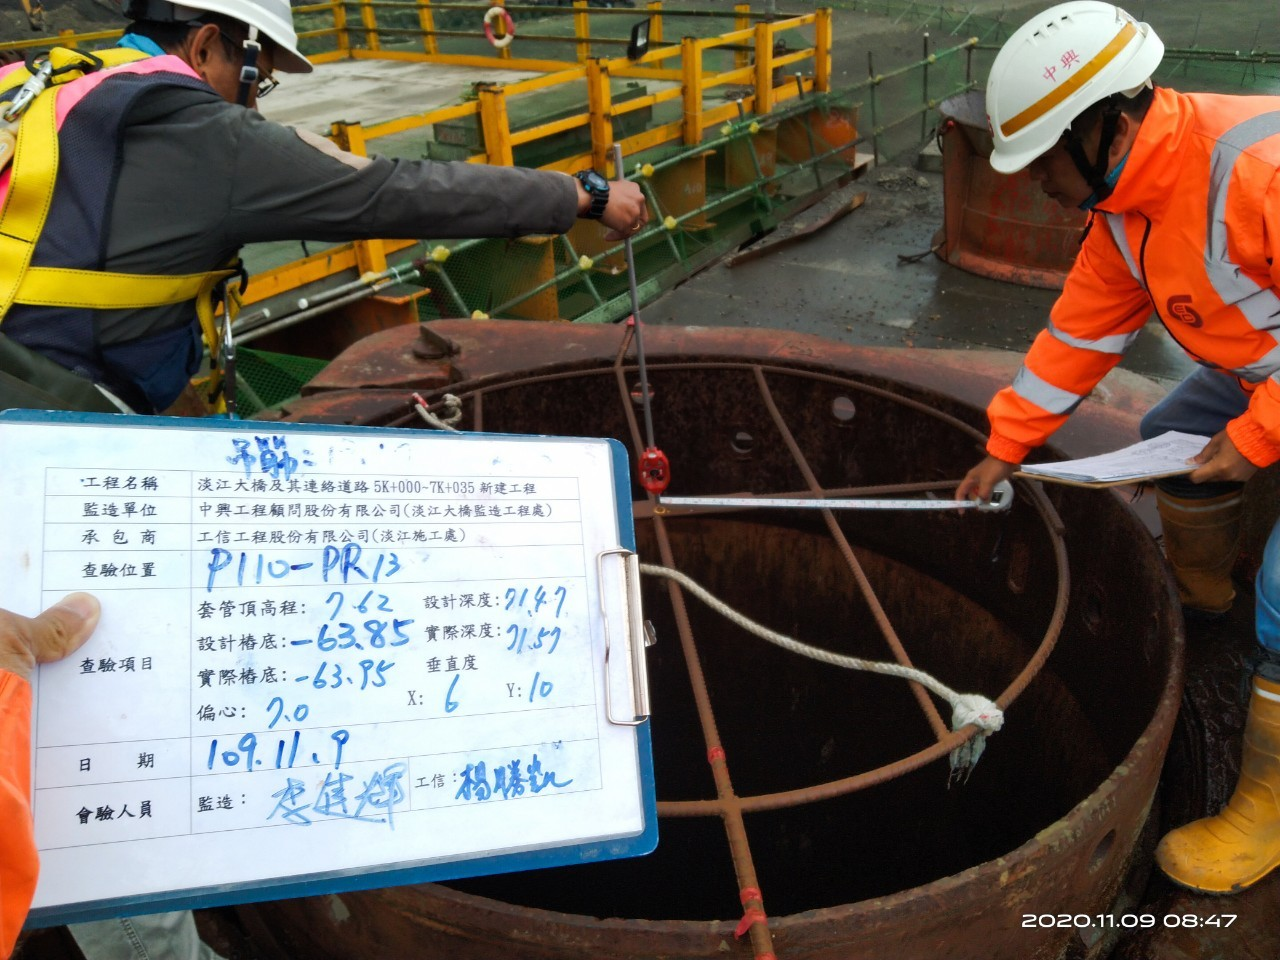 八里端基樁挖掘後位置及深度量測